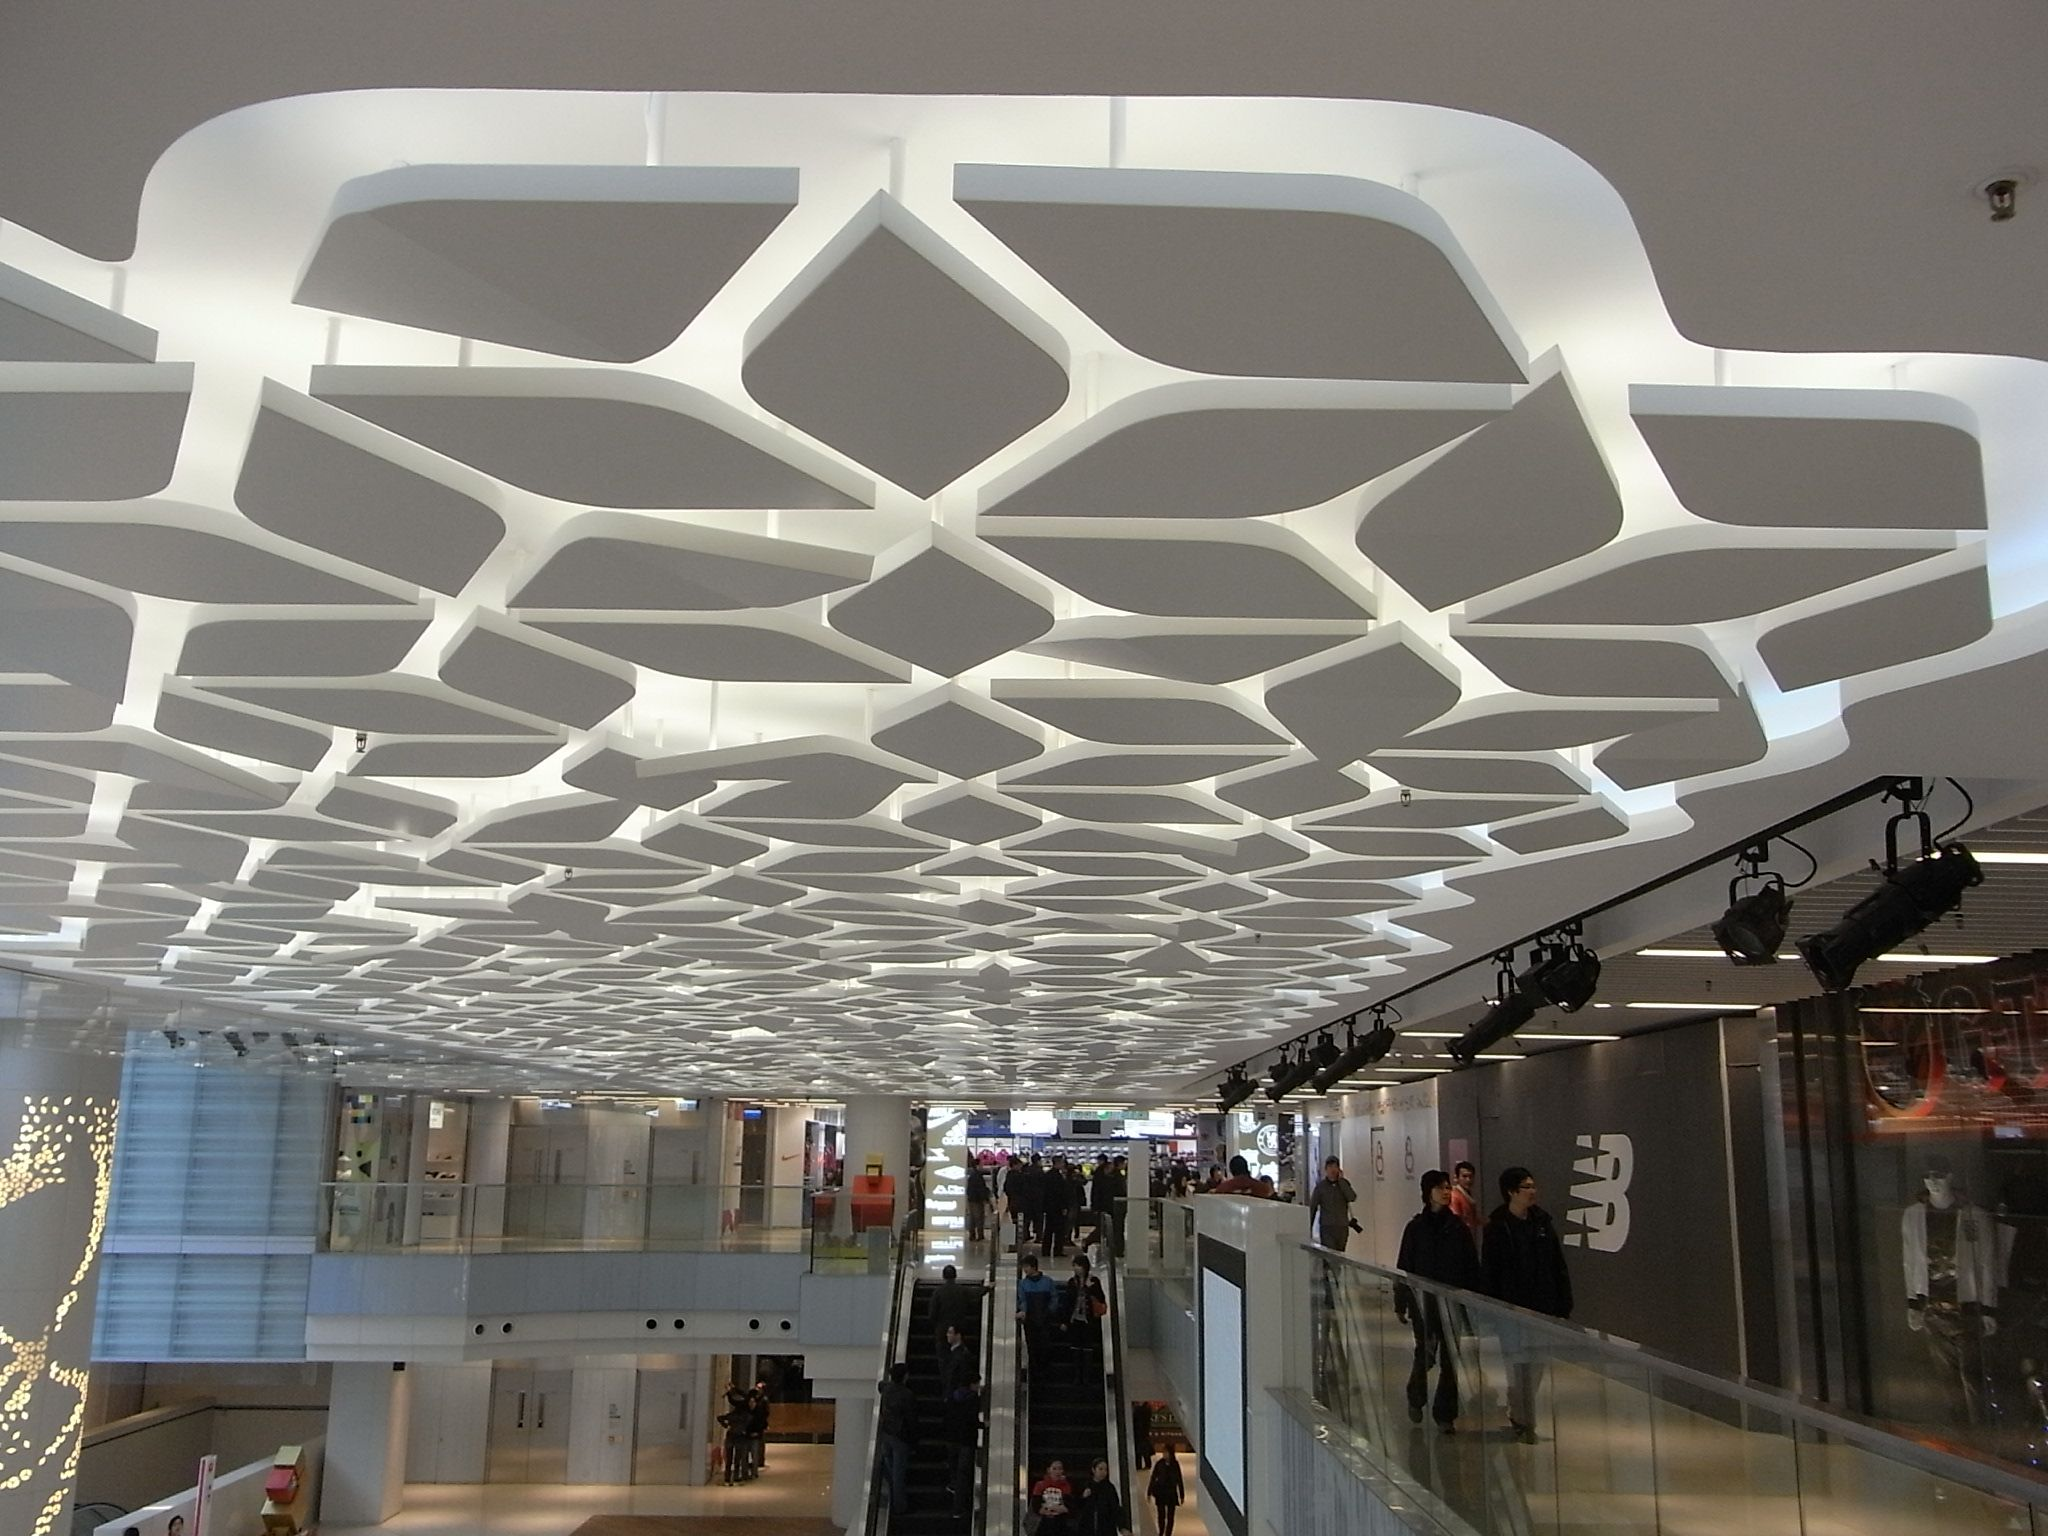 shopping center interior design Buscar con Google CEILINGS